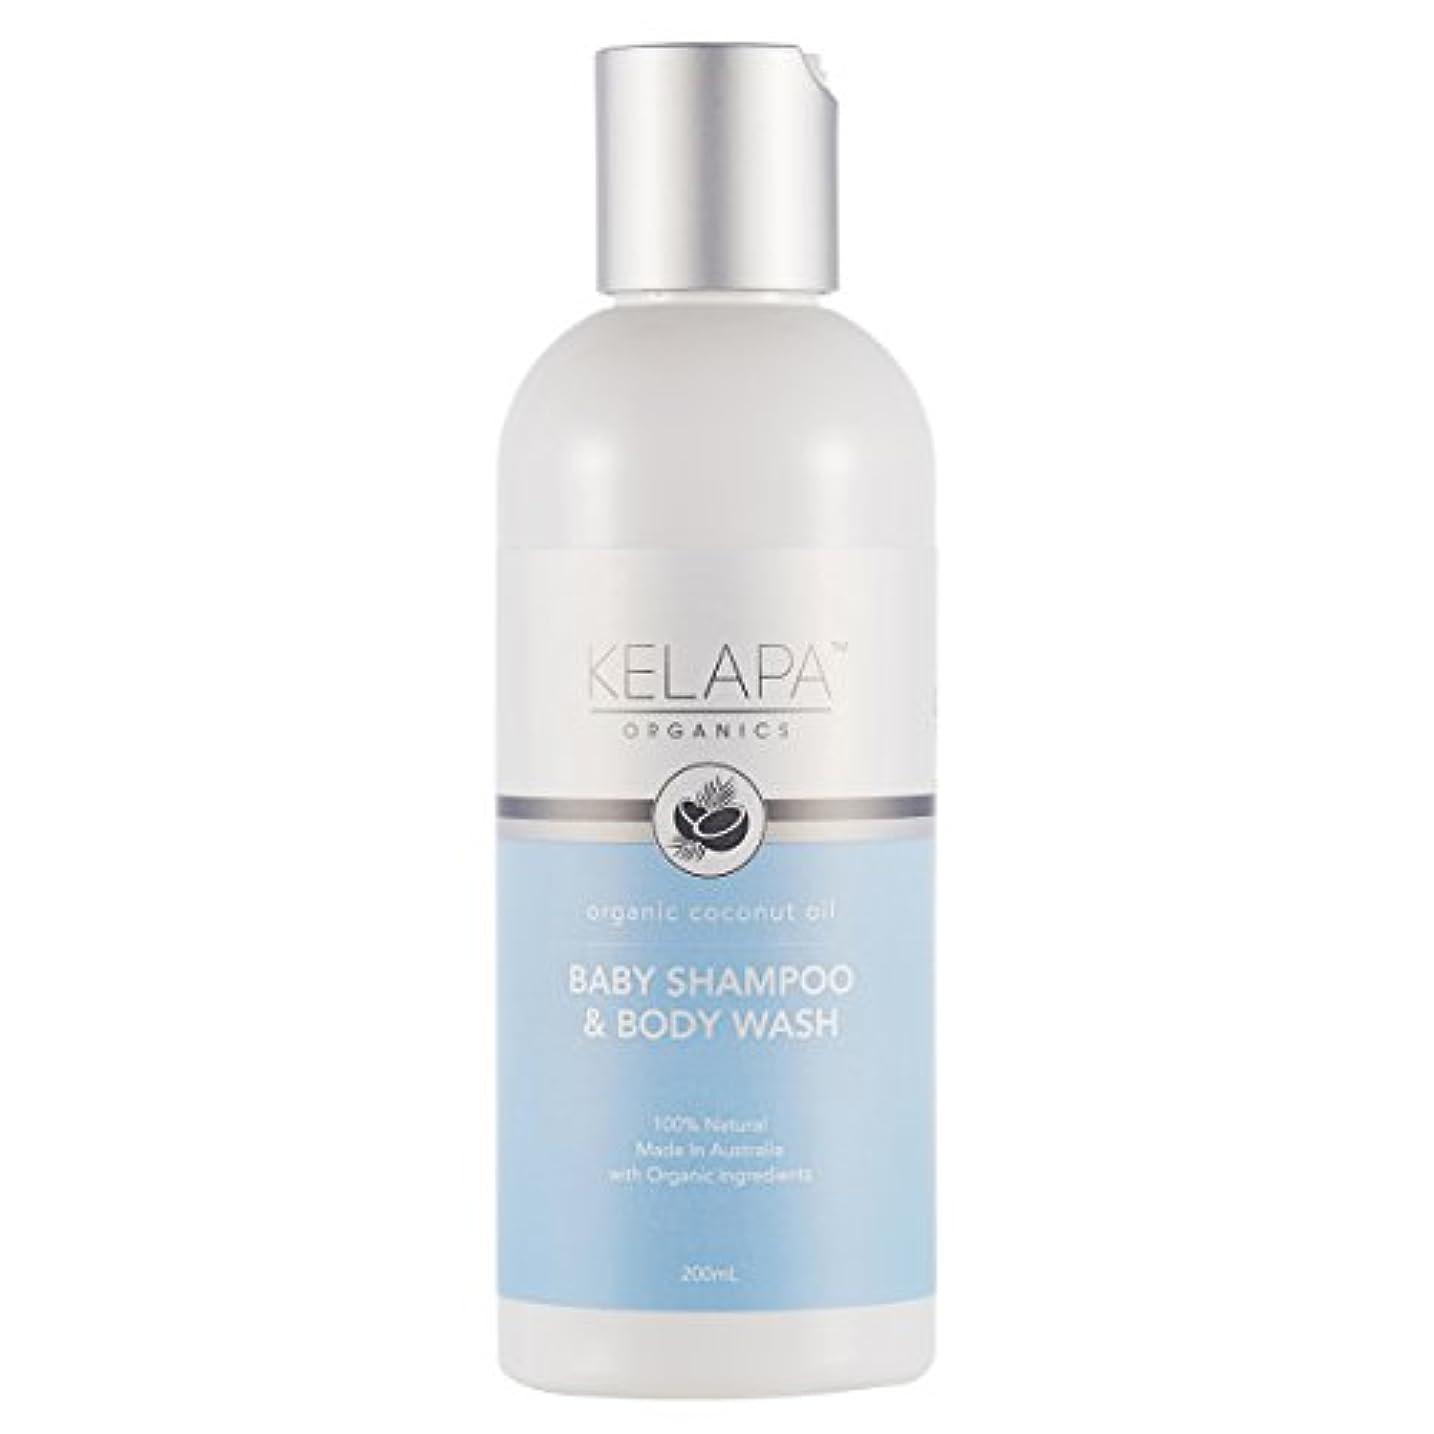 主張する序文伝統的Kelapa Organics Baby Shampoo & Body Wash ベイビーシャンプー&ボディウォッシュ 200ml